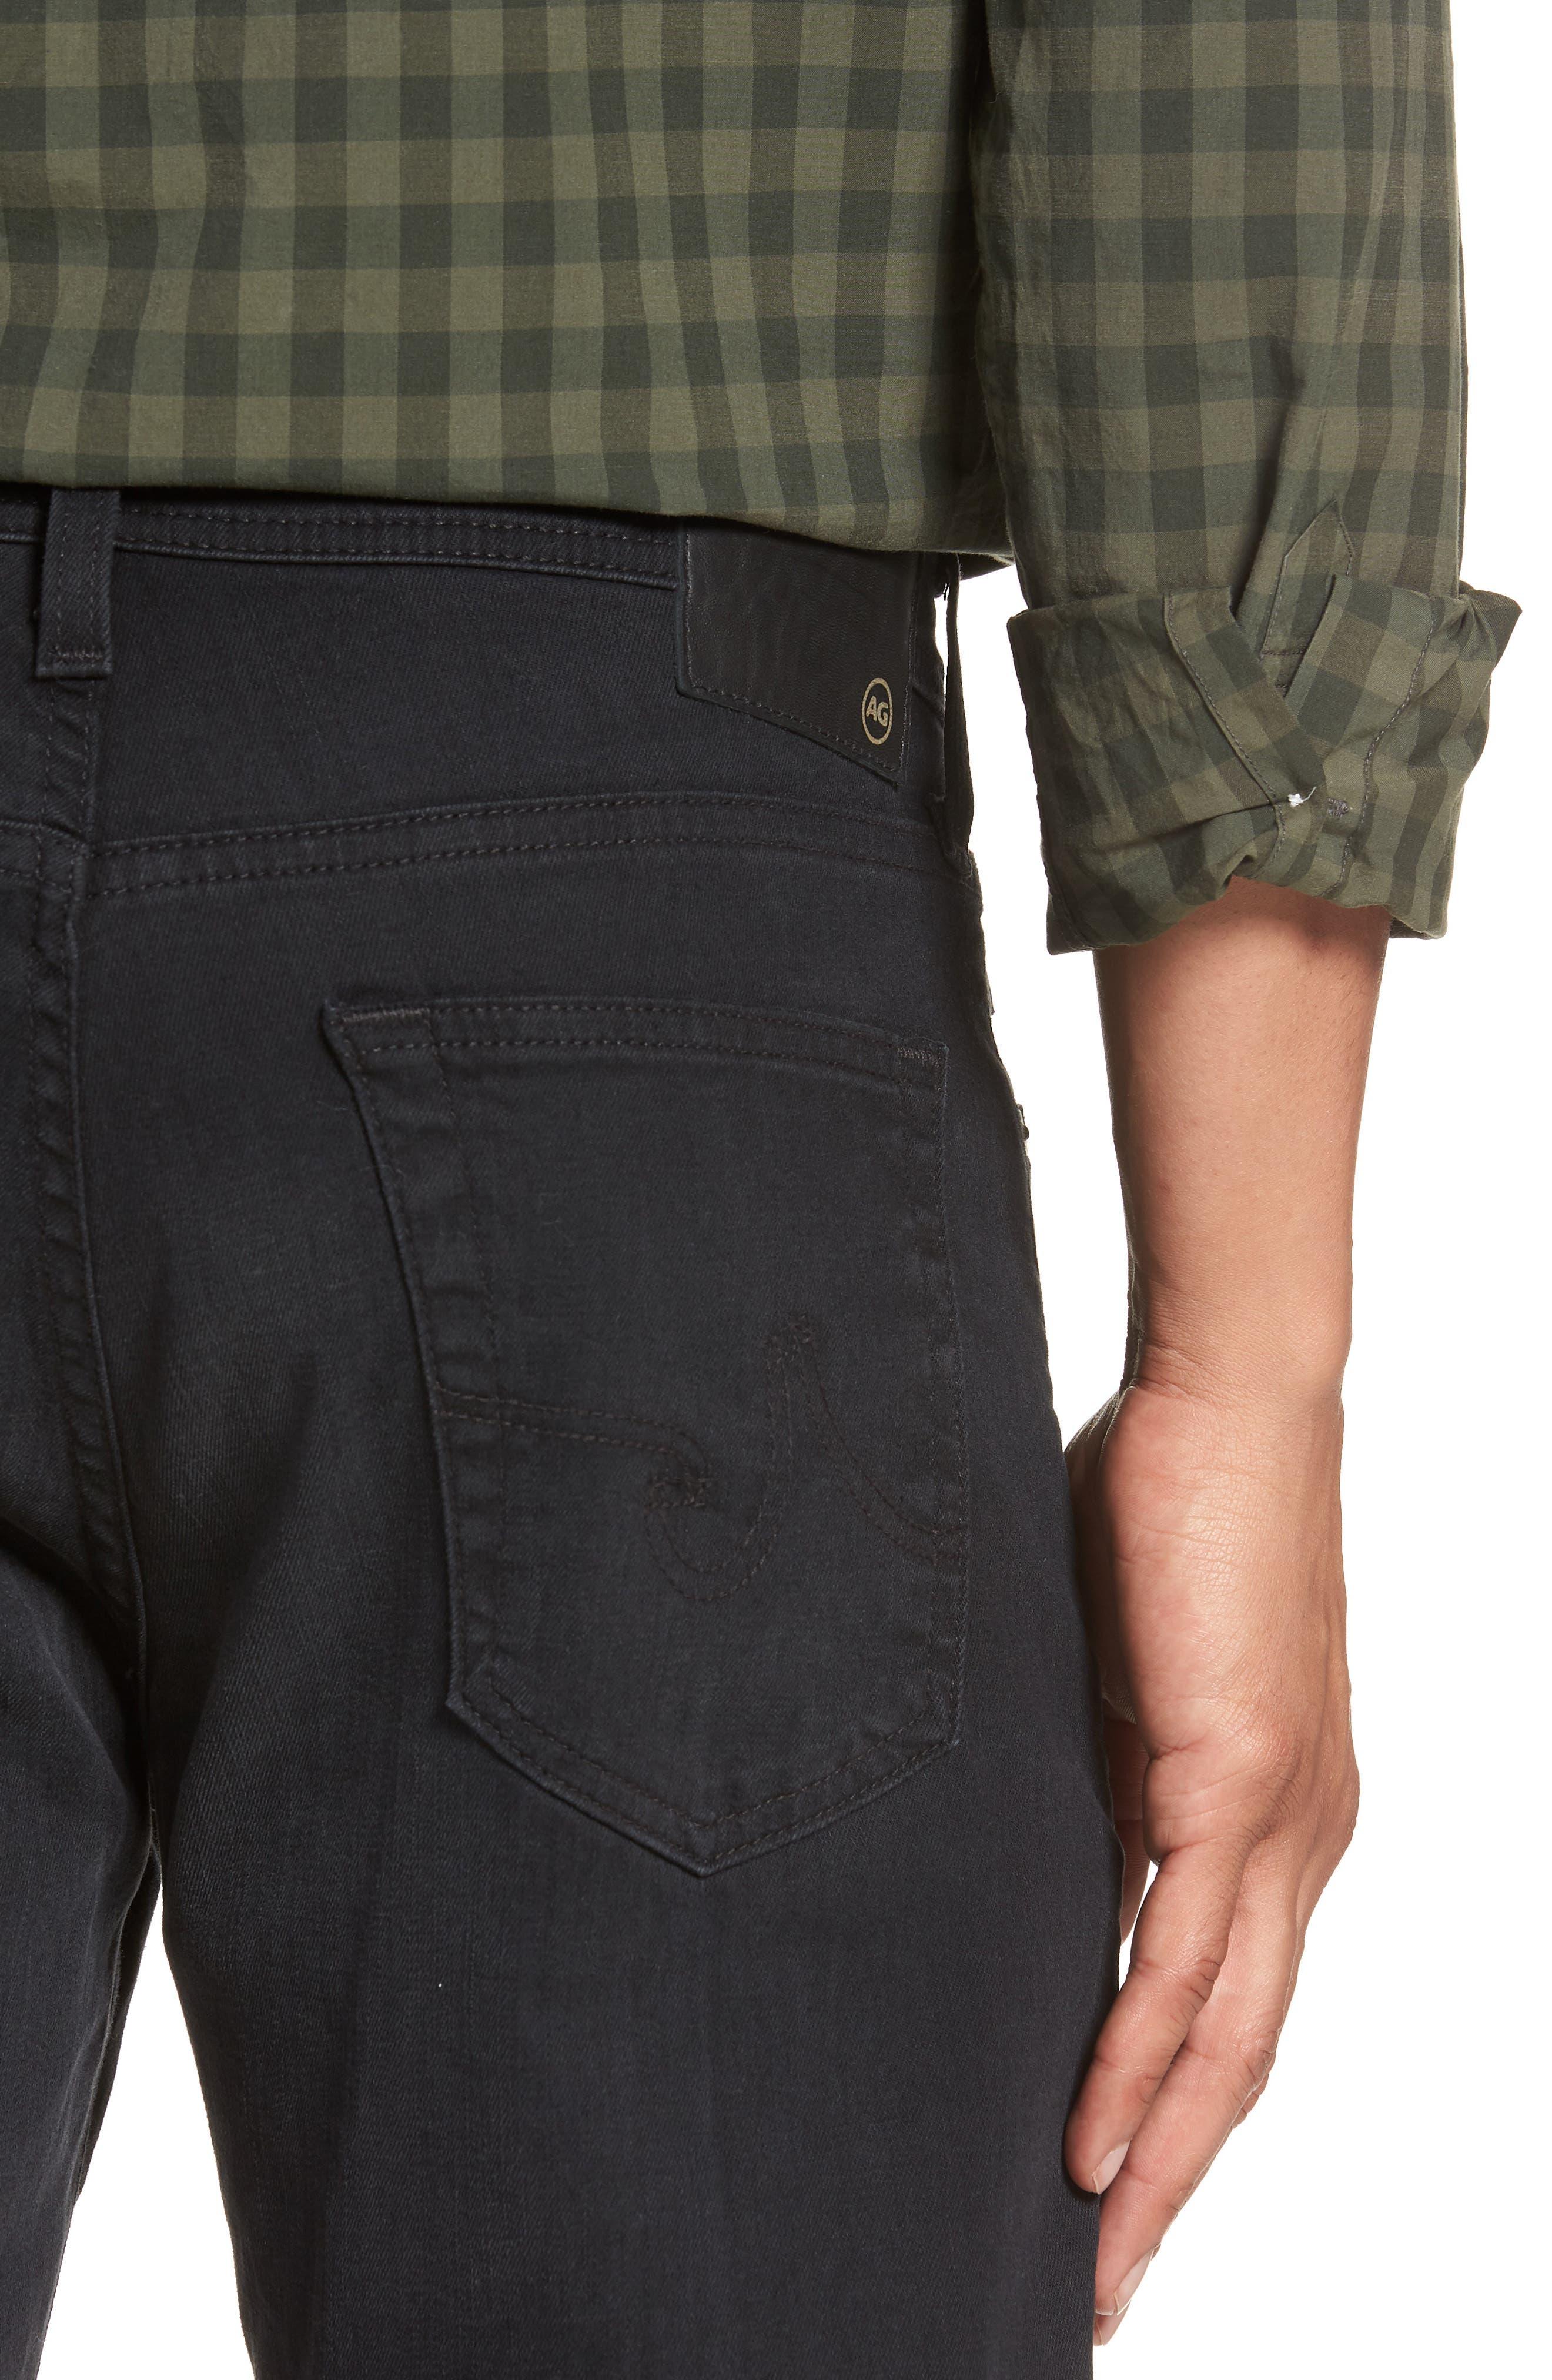 Everett Slim Straight Leg Jeans,                             Alternate thumbnail 4, color,                             001